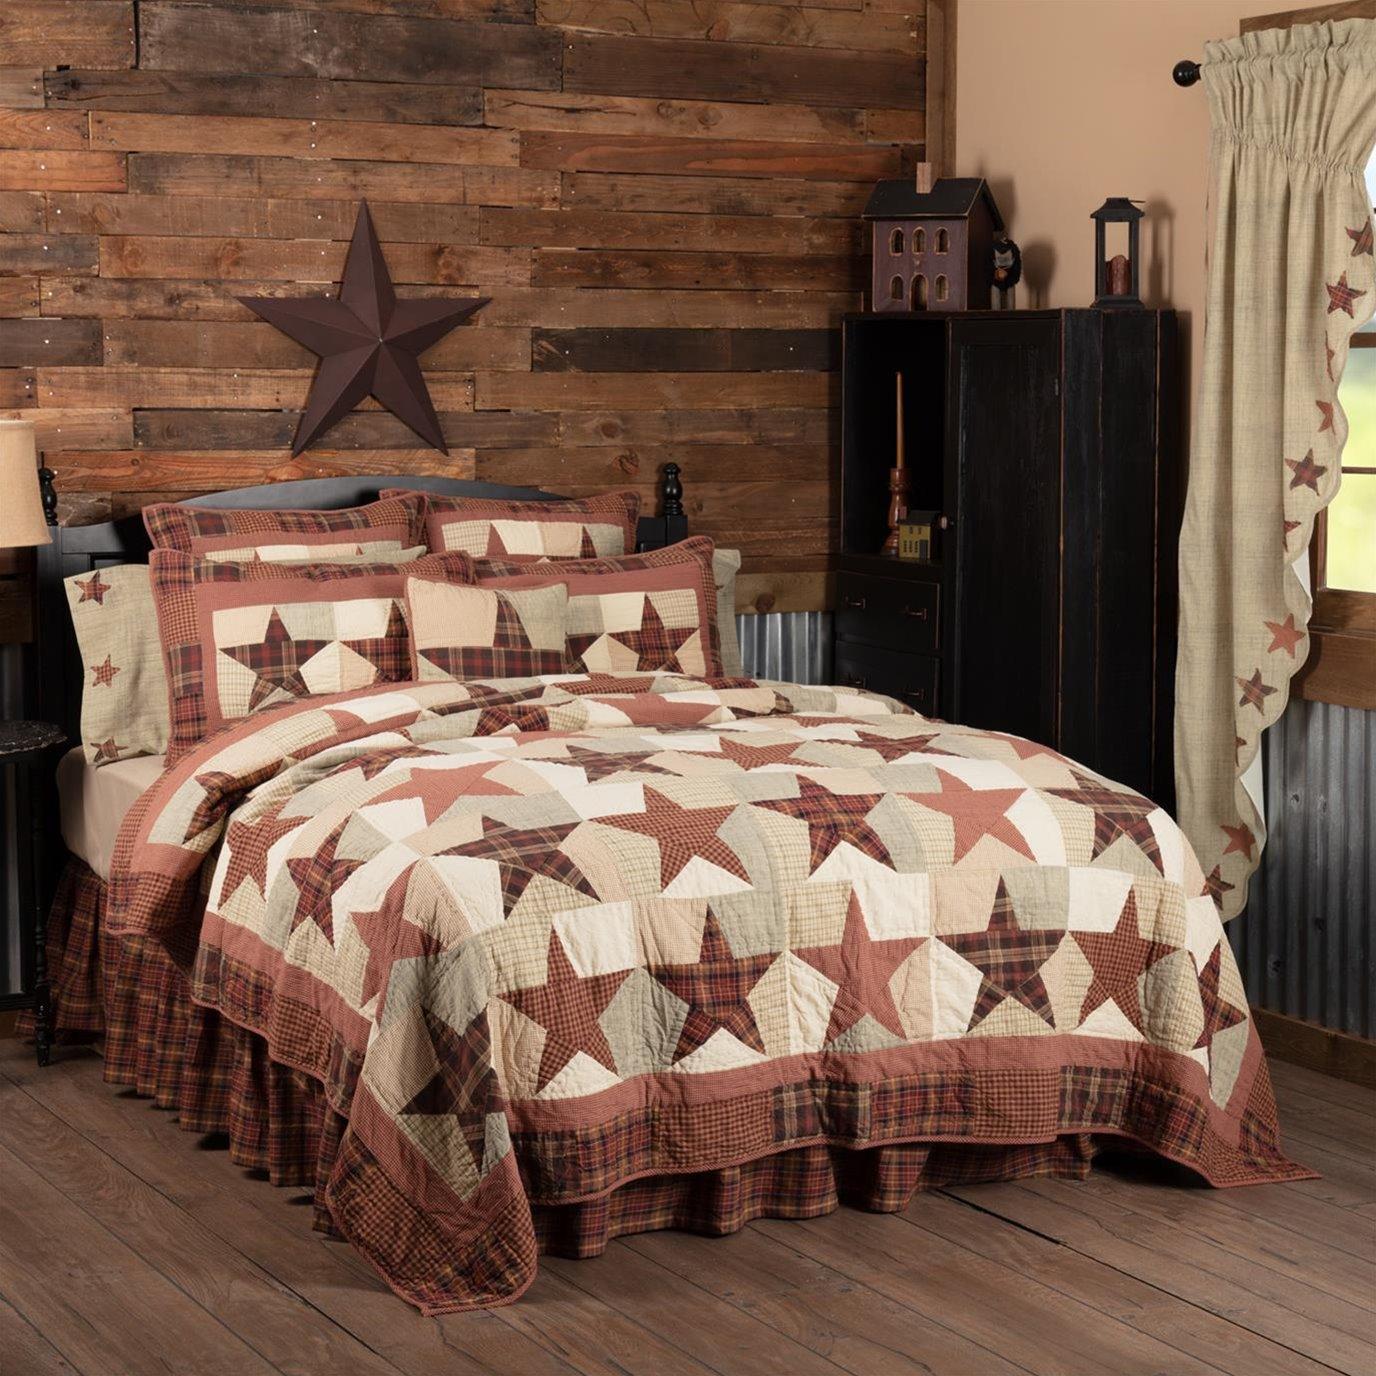 Abilene Star Luxury King Quilt 120Wx105L